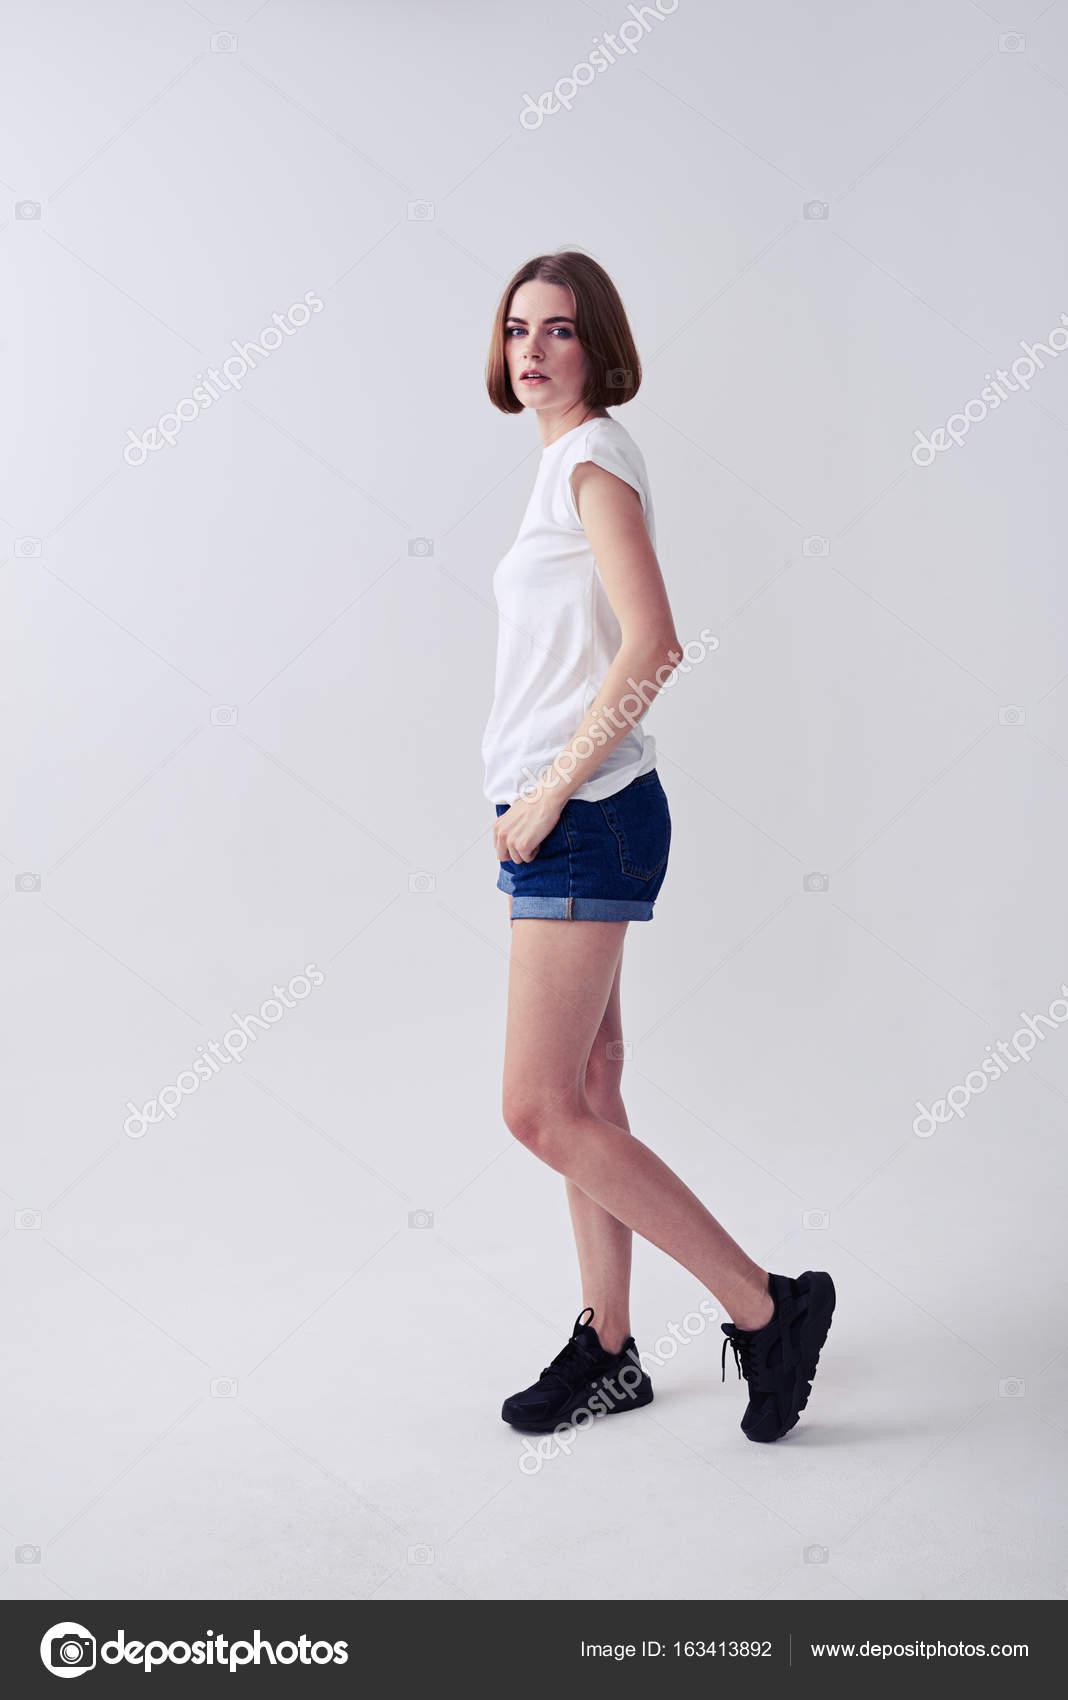 9d2262935d Cuerpo entero mujer joven de linda chica posando en shorts de jeans y  camiseta blanca con espacio de copia - mujer guapa cuerpo completo — Foto  de ...